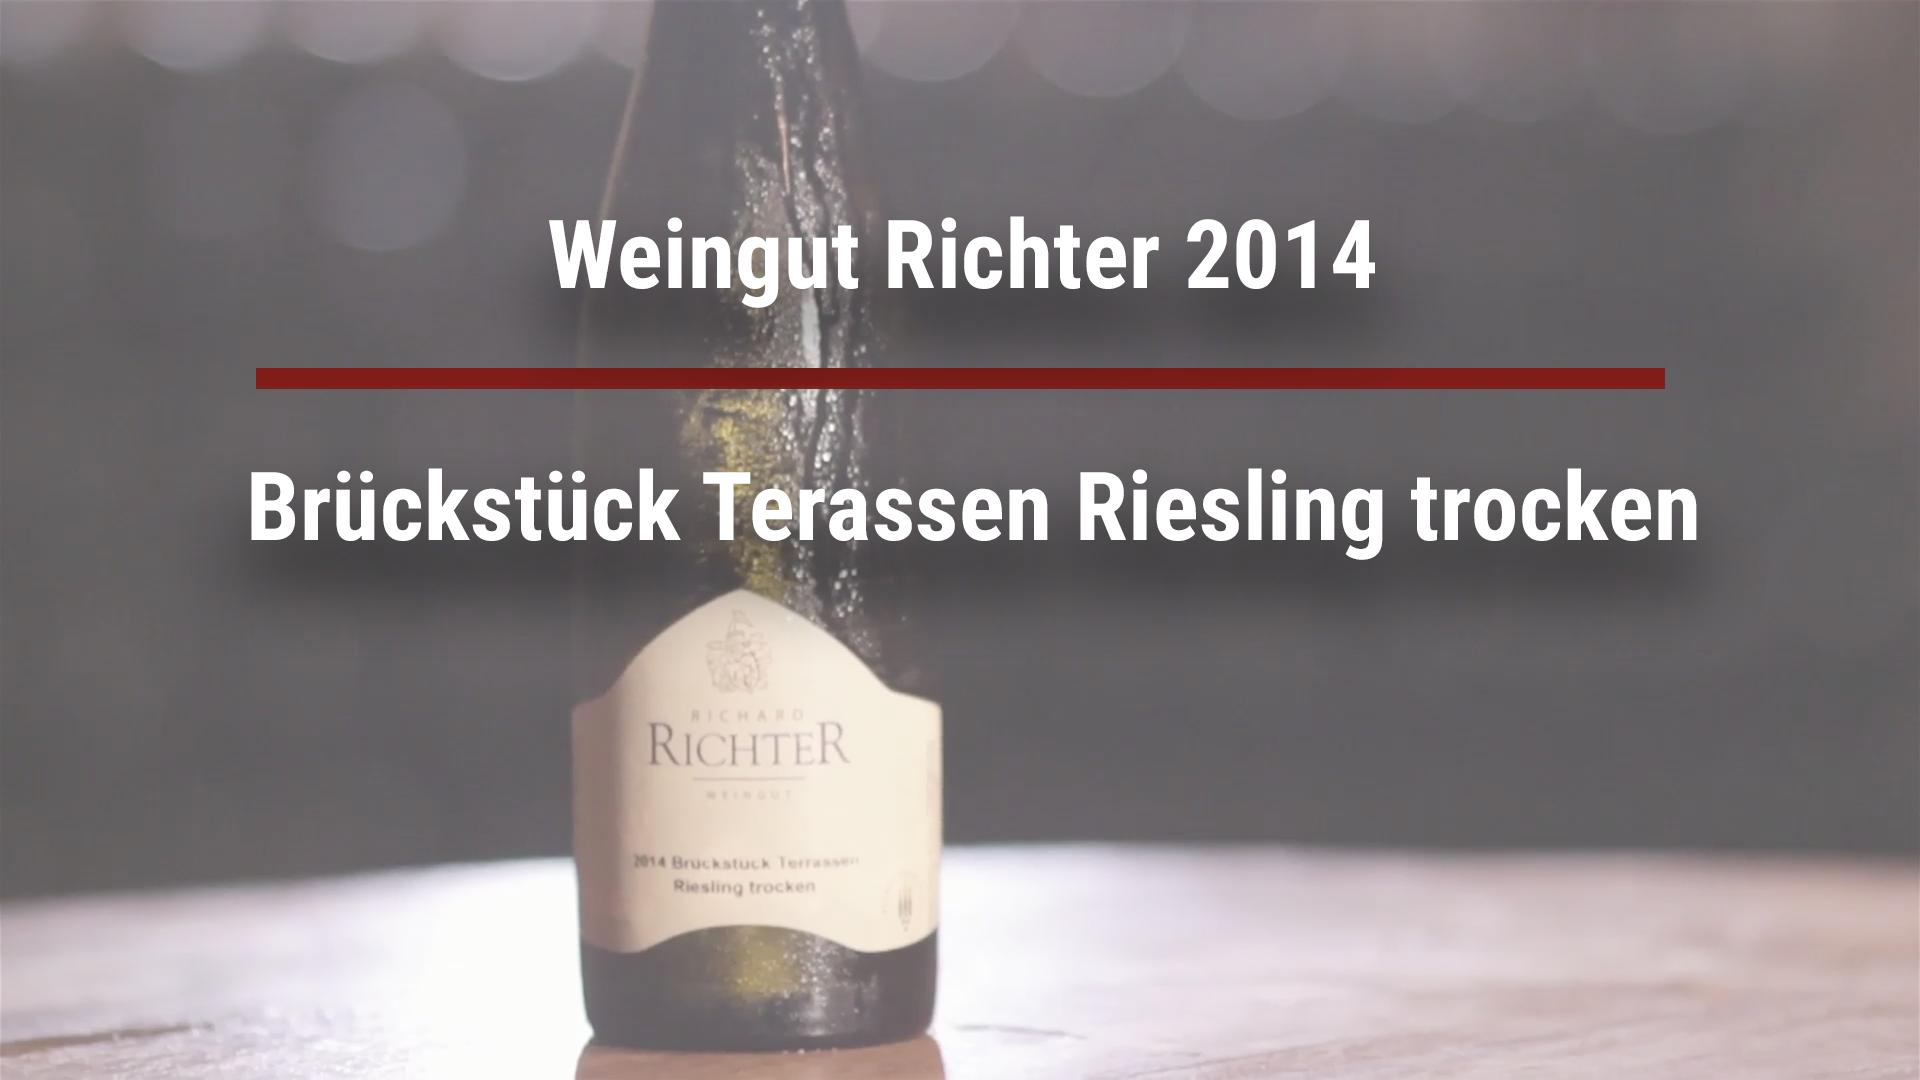 Winery Richter 2014 Brückstück Terassen Riesling dry